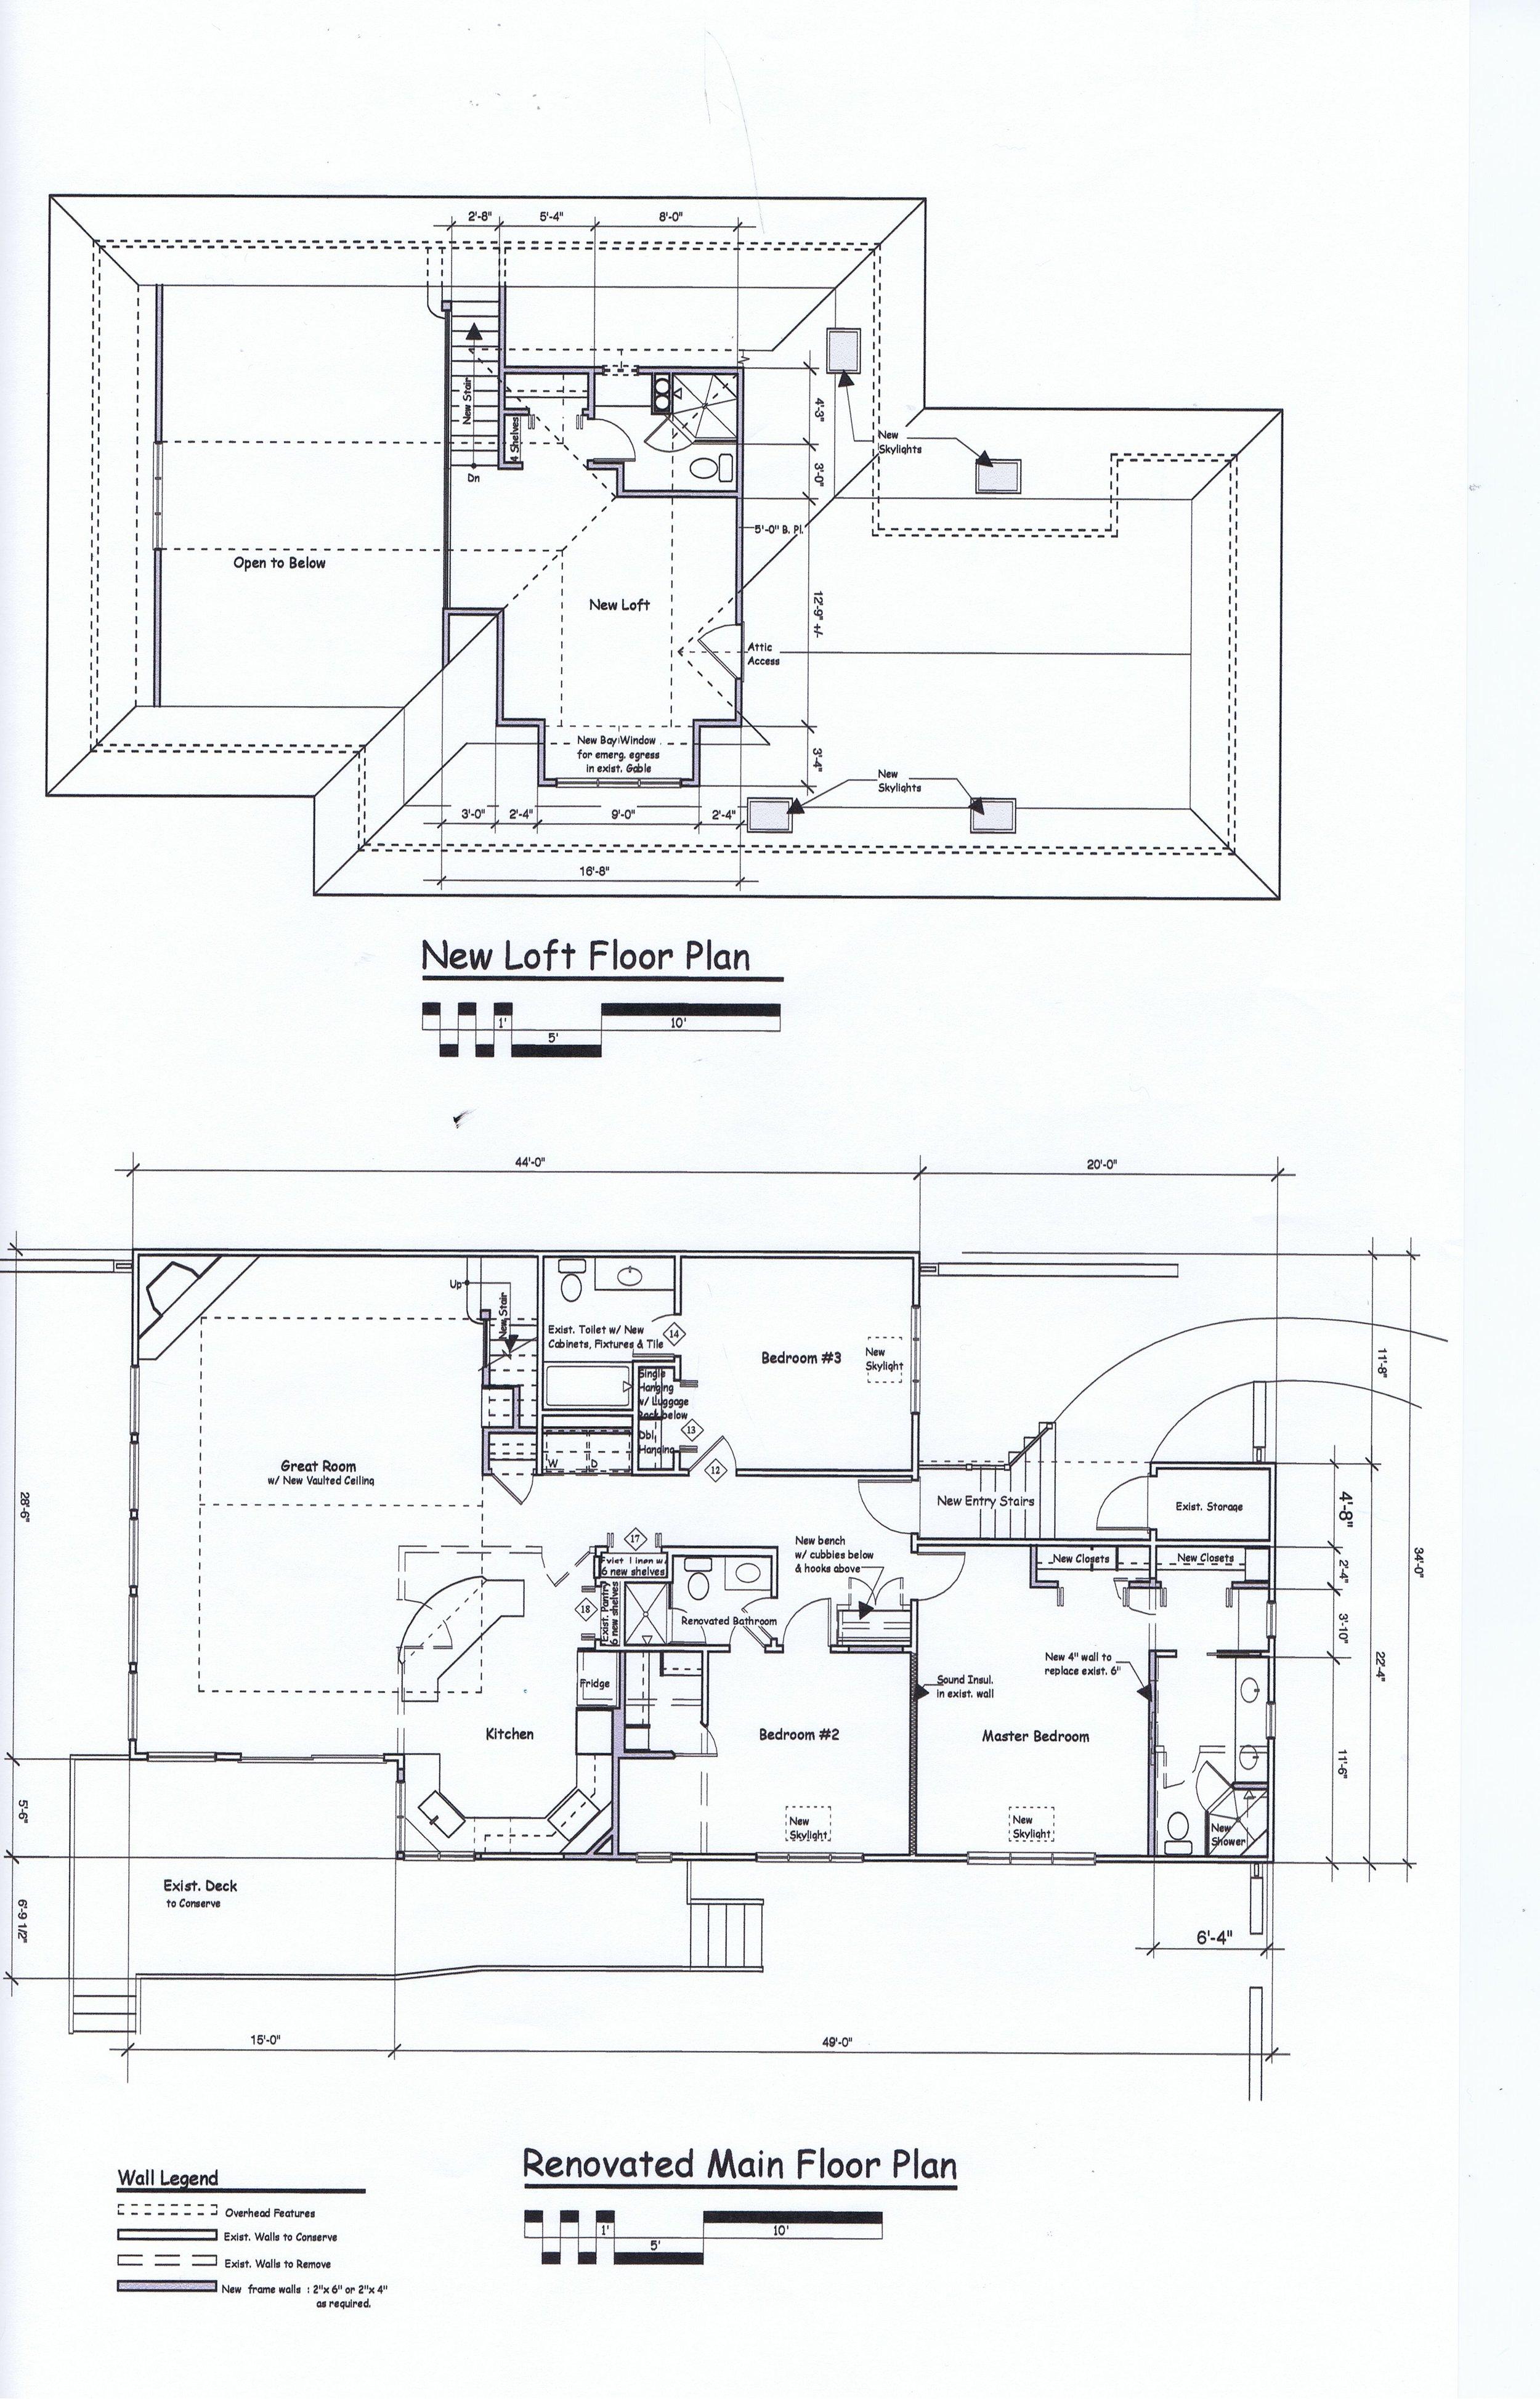 AIAHHI_DA16_Page_056.jpg